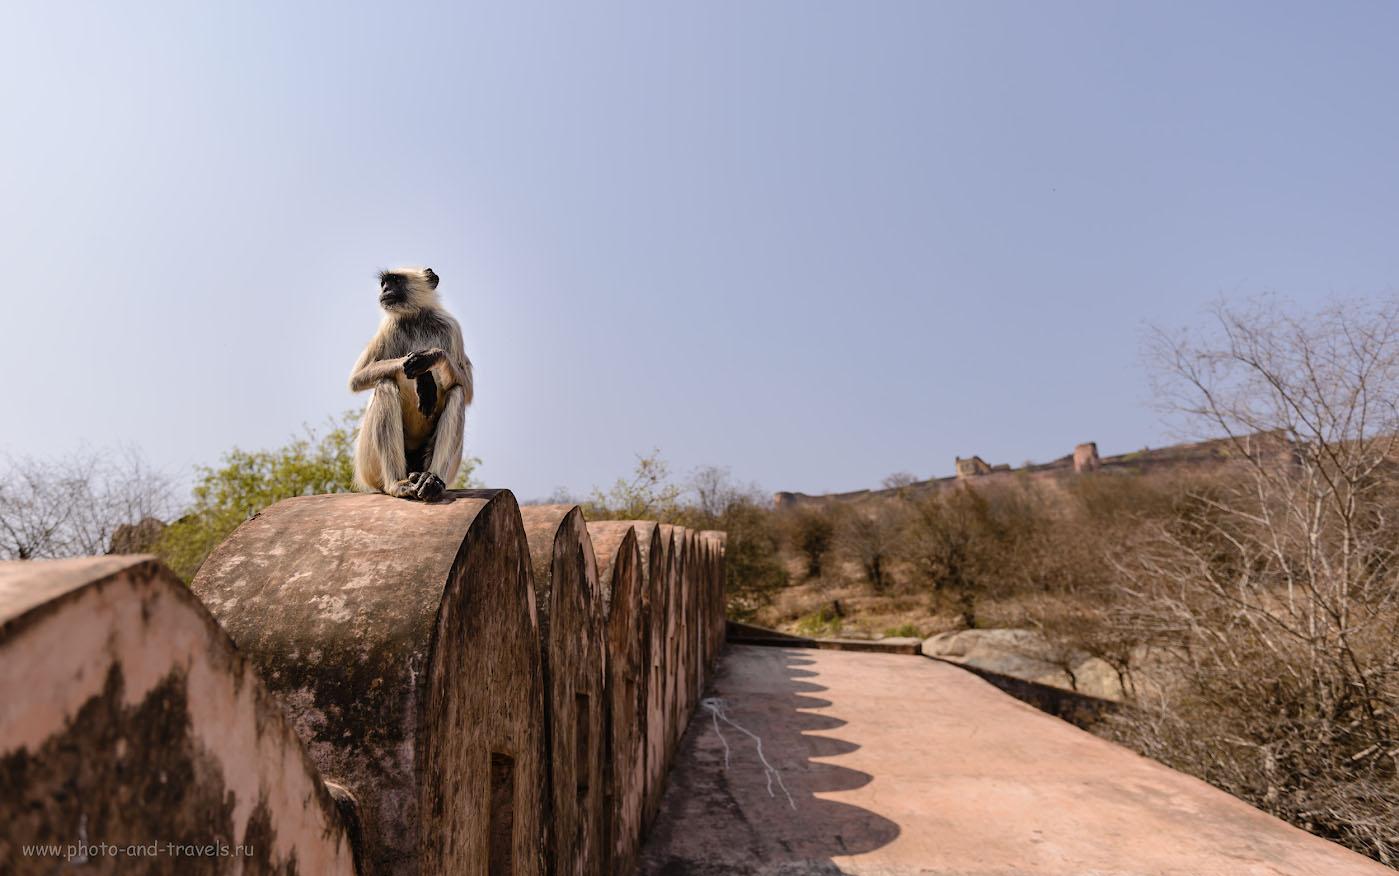 Фотография 6. На крепостной стене по пути от форта Амбер к Джайгарху. Отзывы об экскурсиях в Джайпуре самостоятельно. 1/1600, +0.33, 3.5, 100, 28.